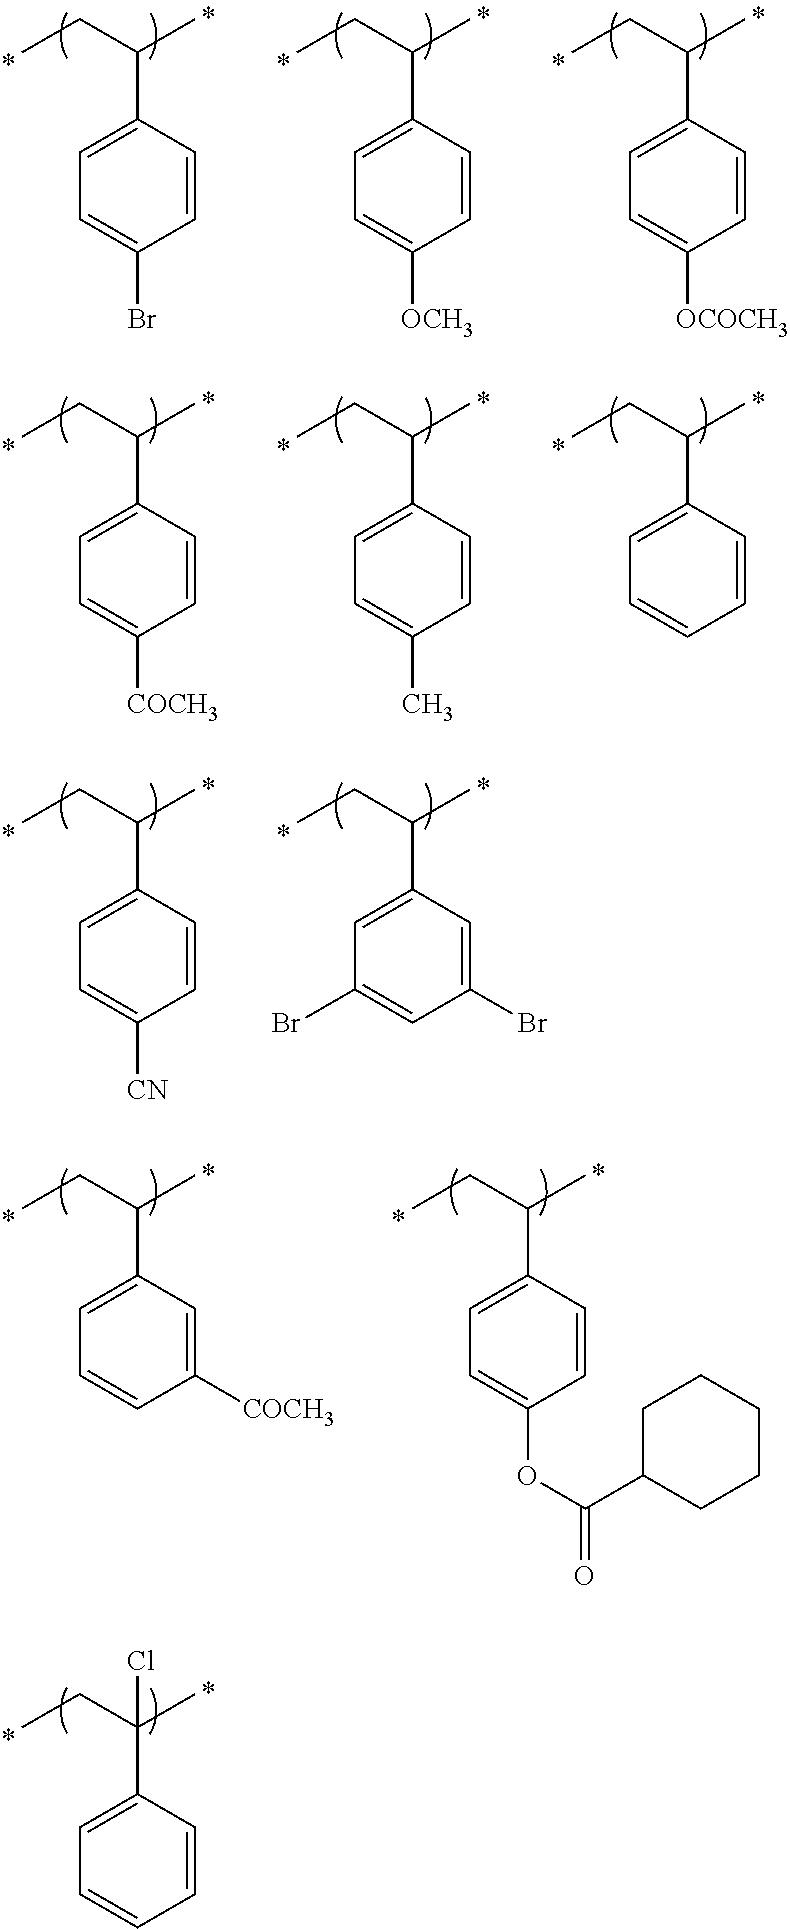 Figure US20110183258A1-20110728-C00066